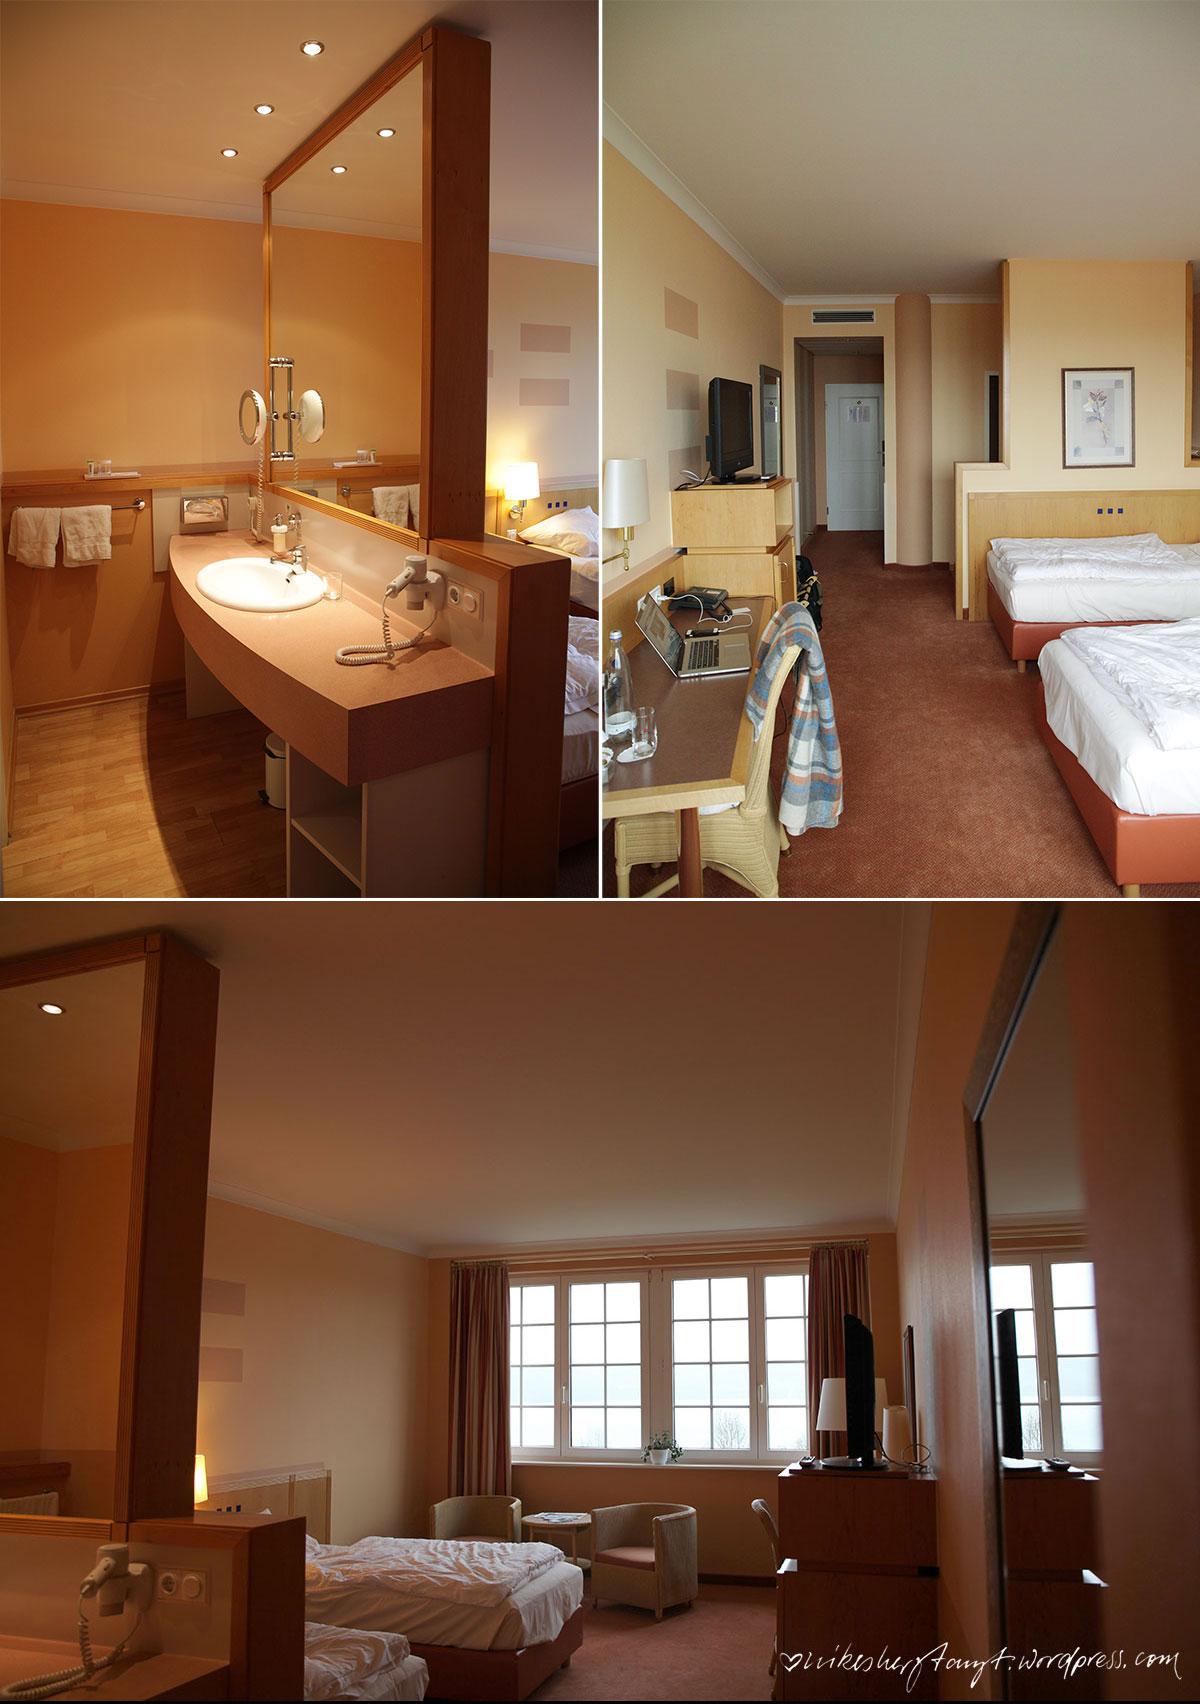 kräuterwind am wiesensee, #lindnerhotels, nikesherztanzt, westerwald, rheinland pfalz, travel, wanderlust, spa